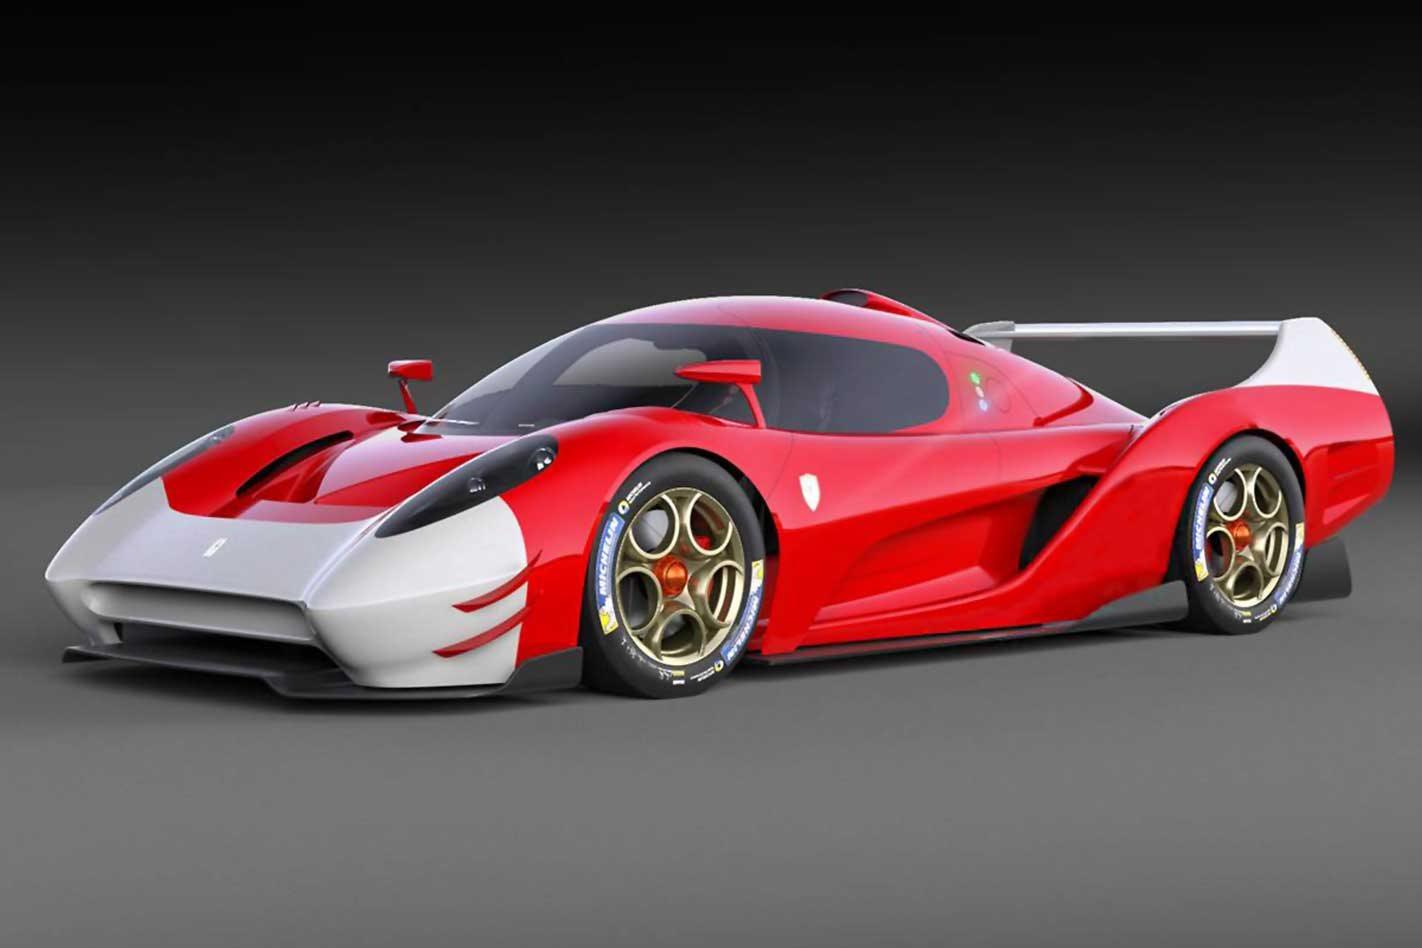 Scuderia Cameron Glickenhaus reveals WEC Hypercar racer